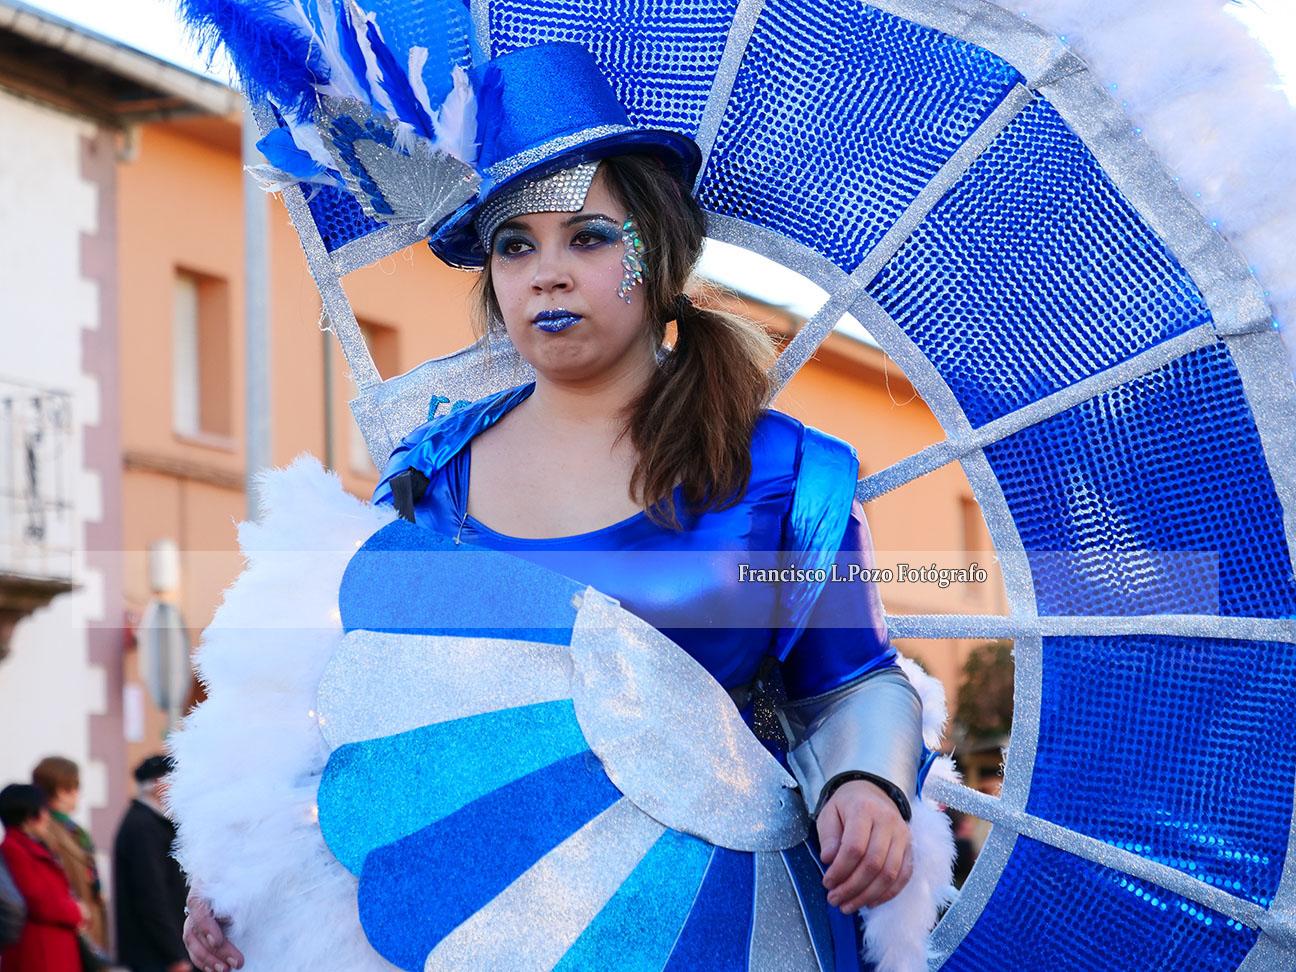 Carnaval 2020: Camponaraya sale a la calle a ritmo de comparsa 50